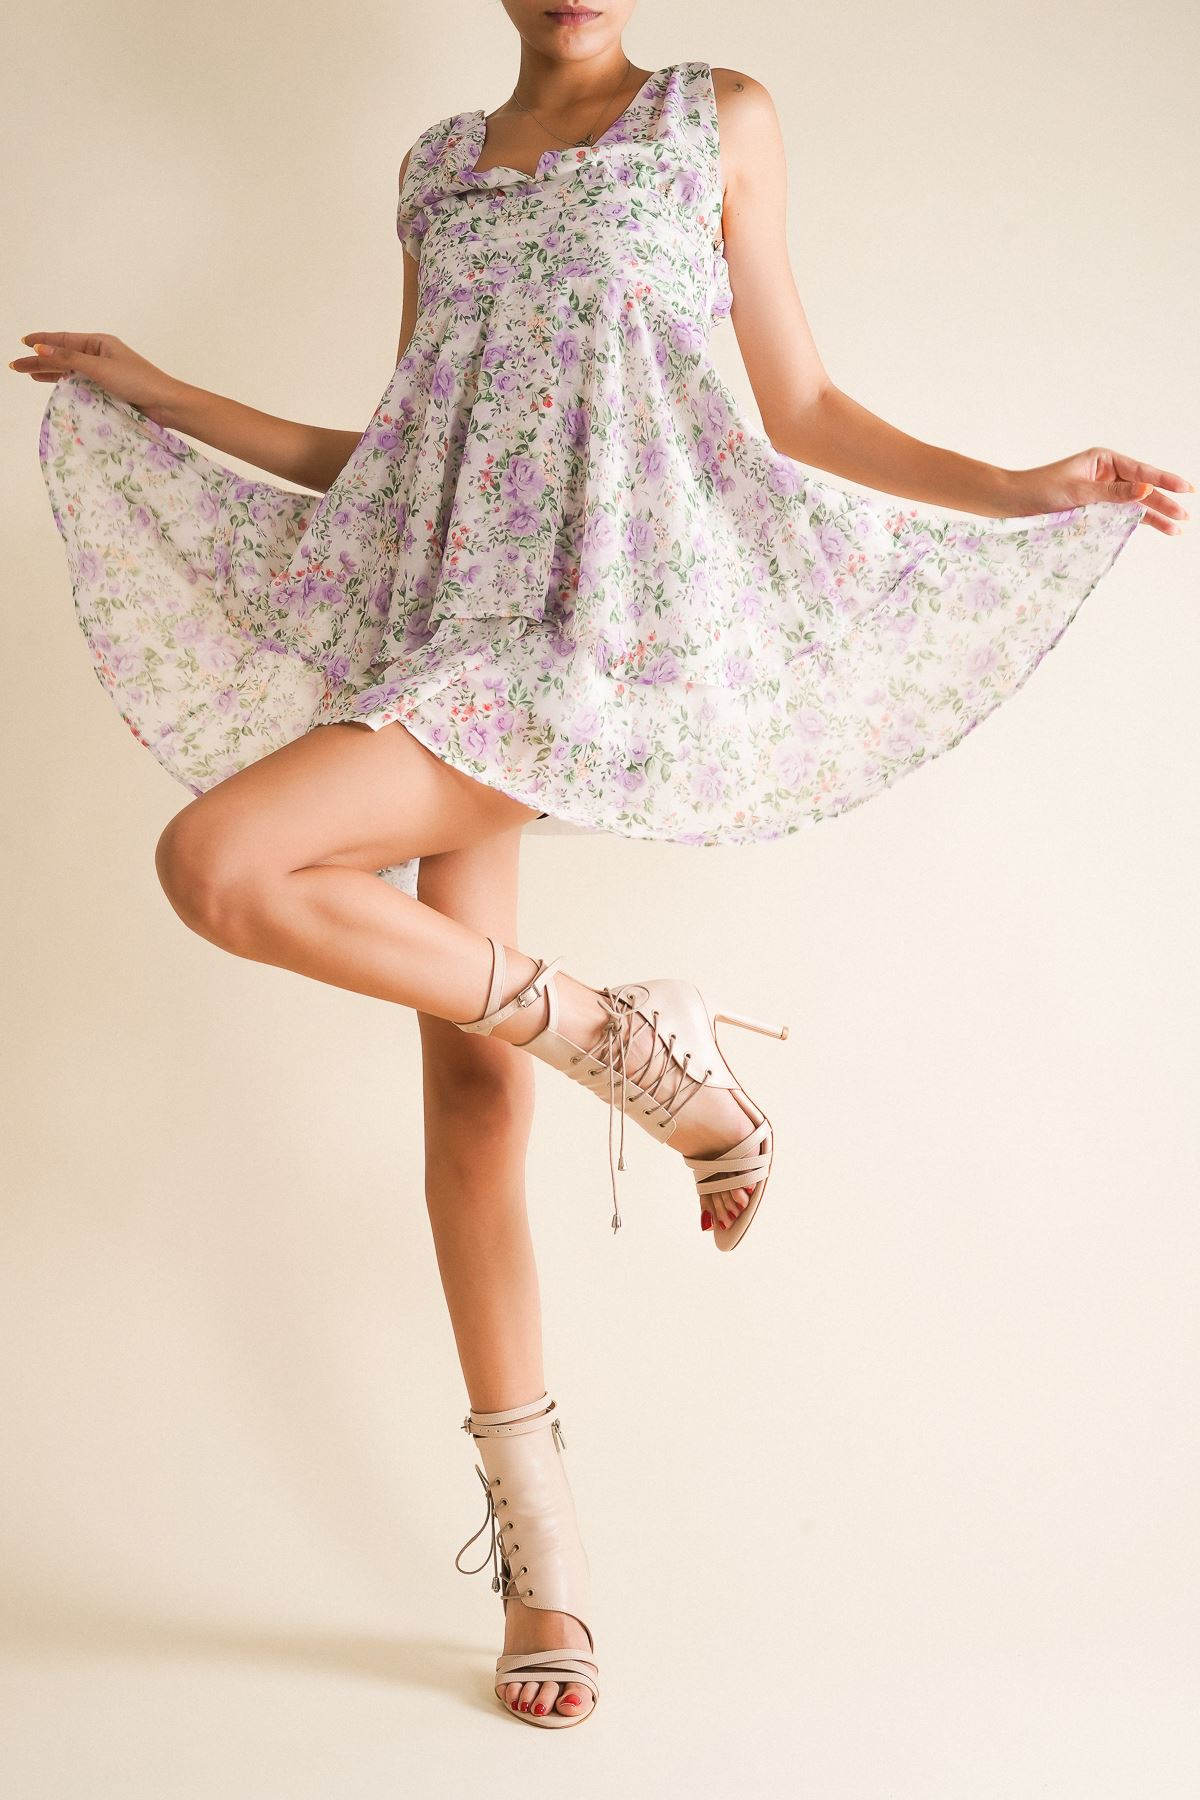 Galya Nude Cilt Kadın Topuklu Ayakkabı